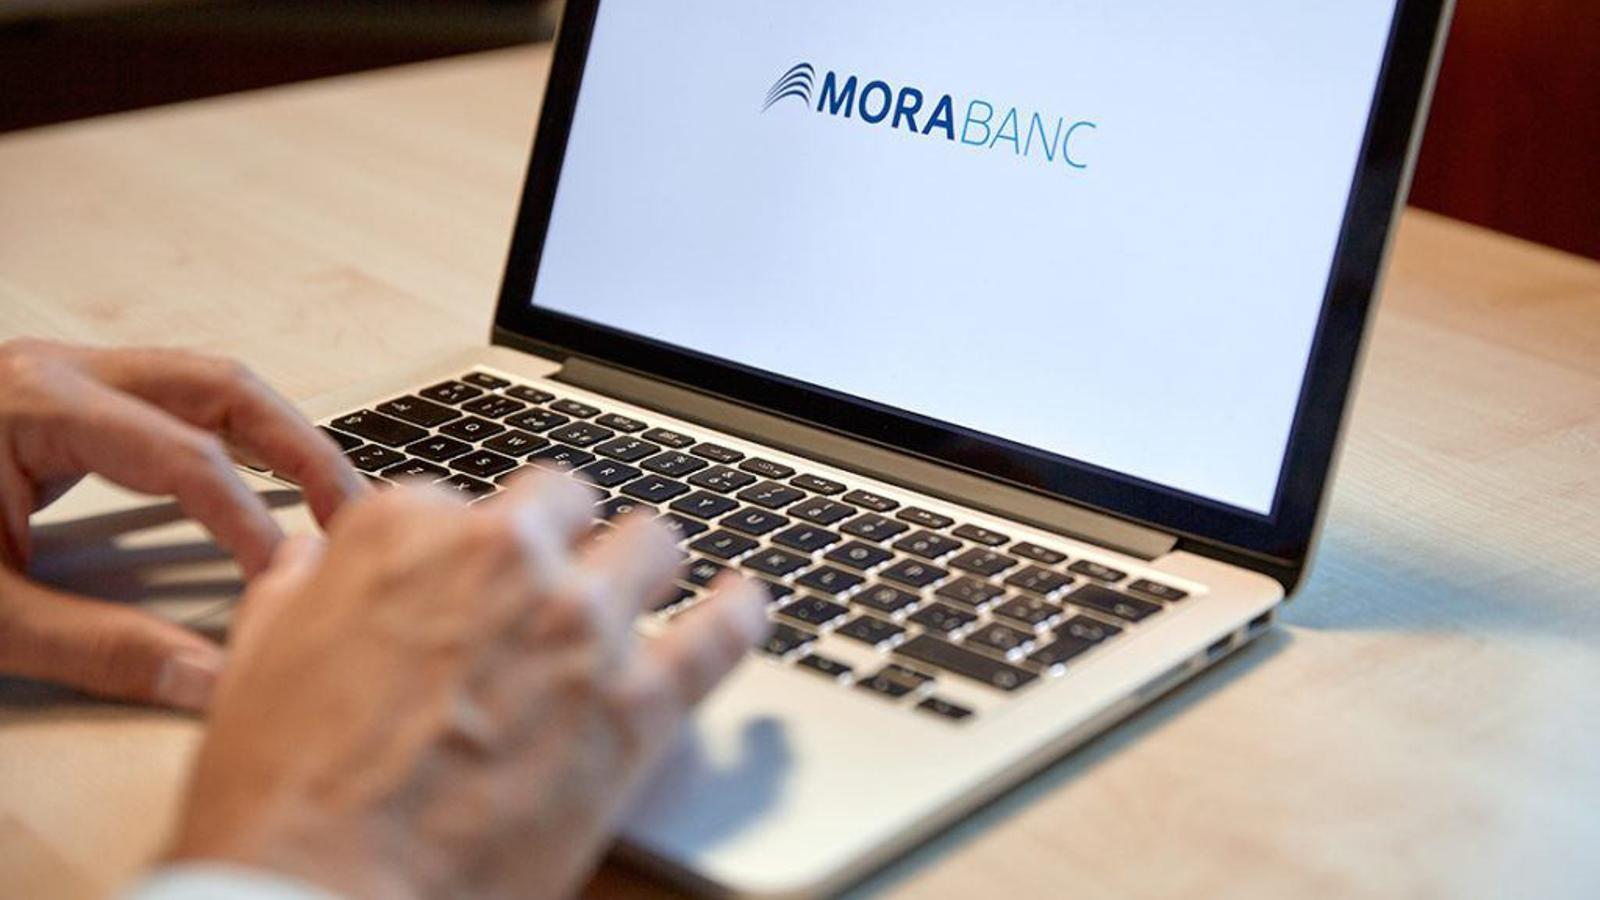 MoraBanc Direct integra en un sol servei els canals digitals, telefònics i físics. / MORABANC